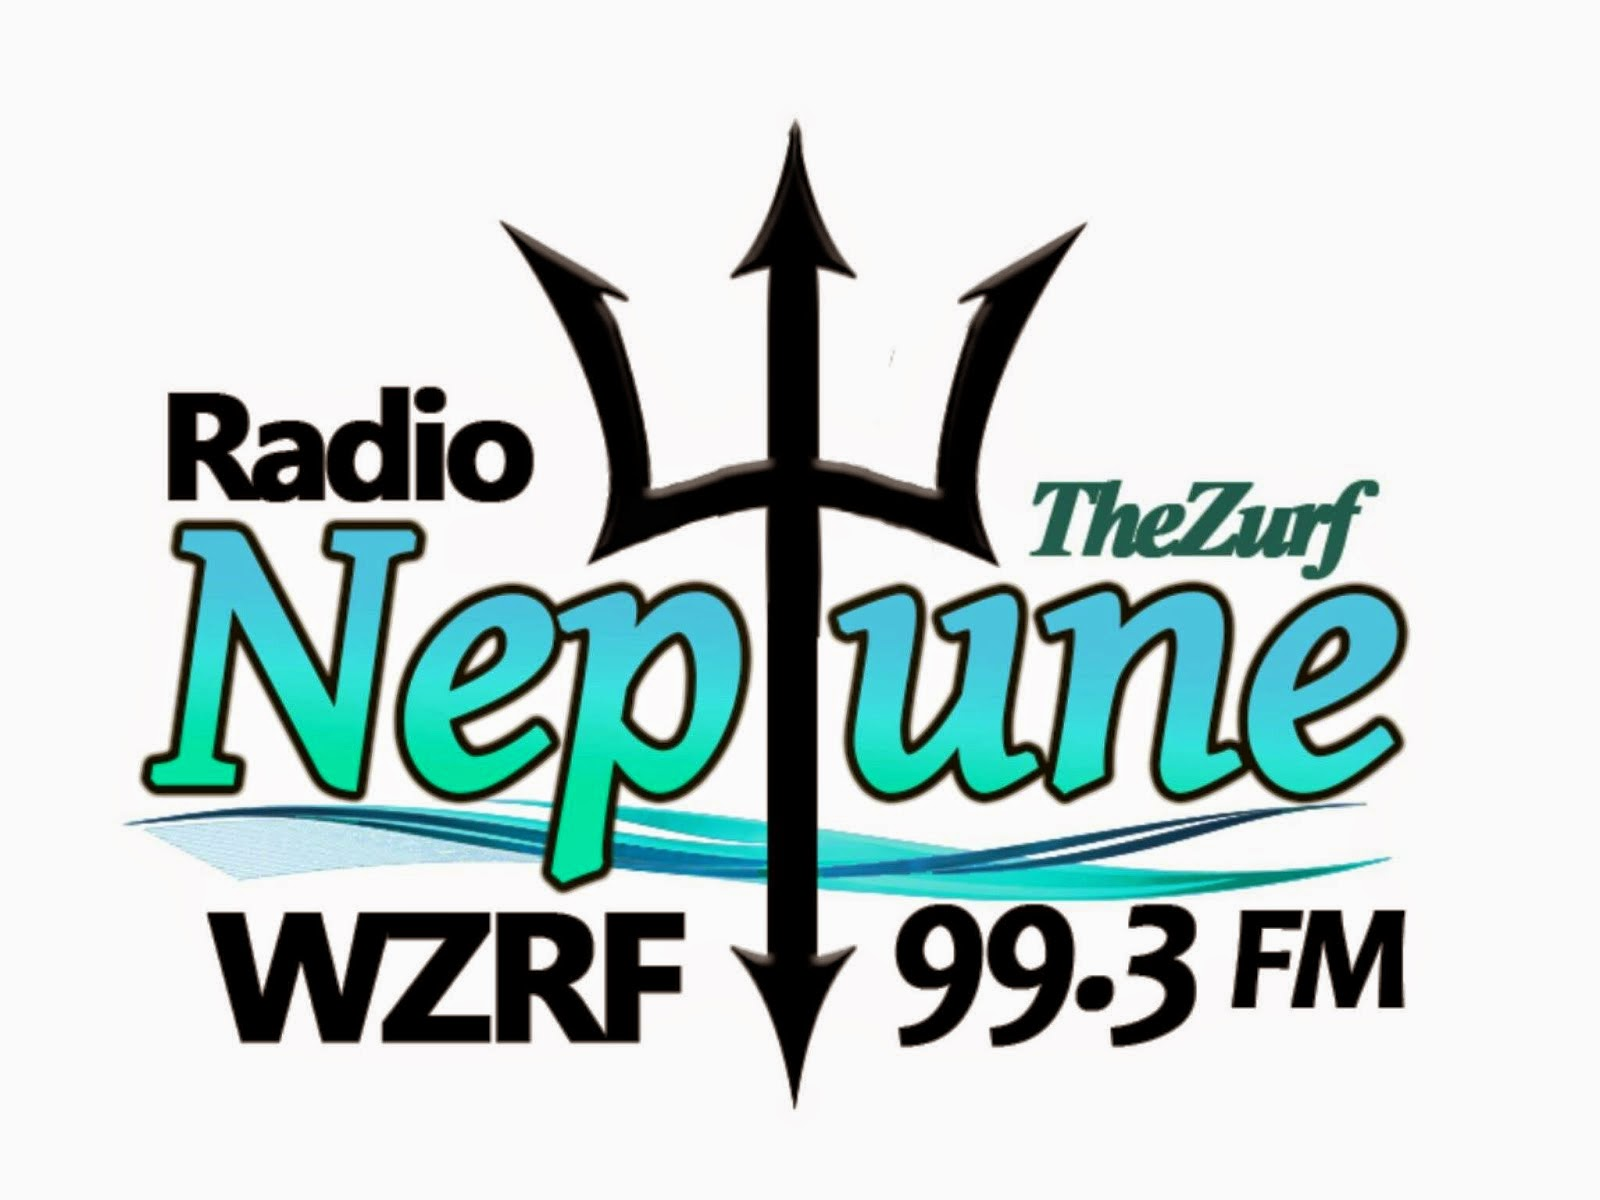 ZURF-FM 99.3